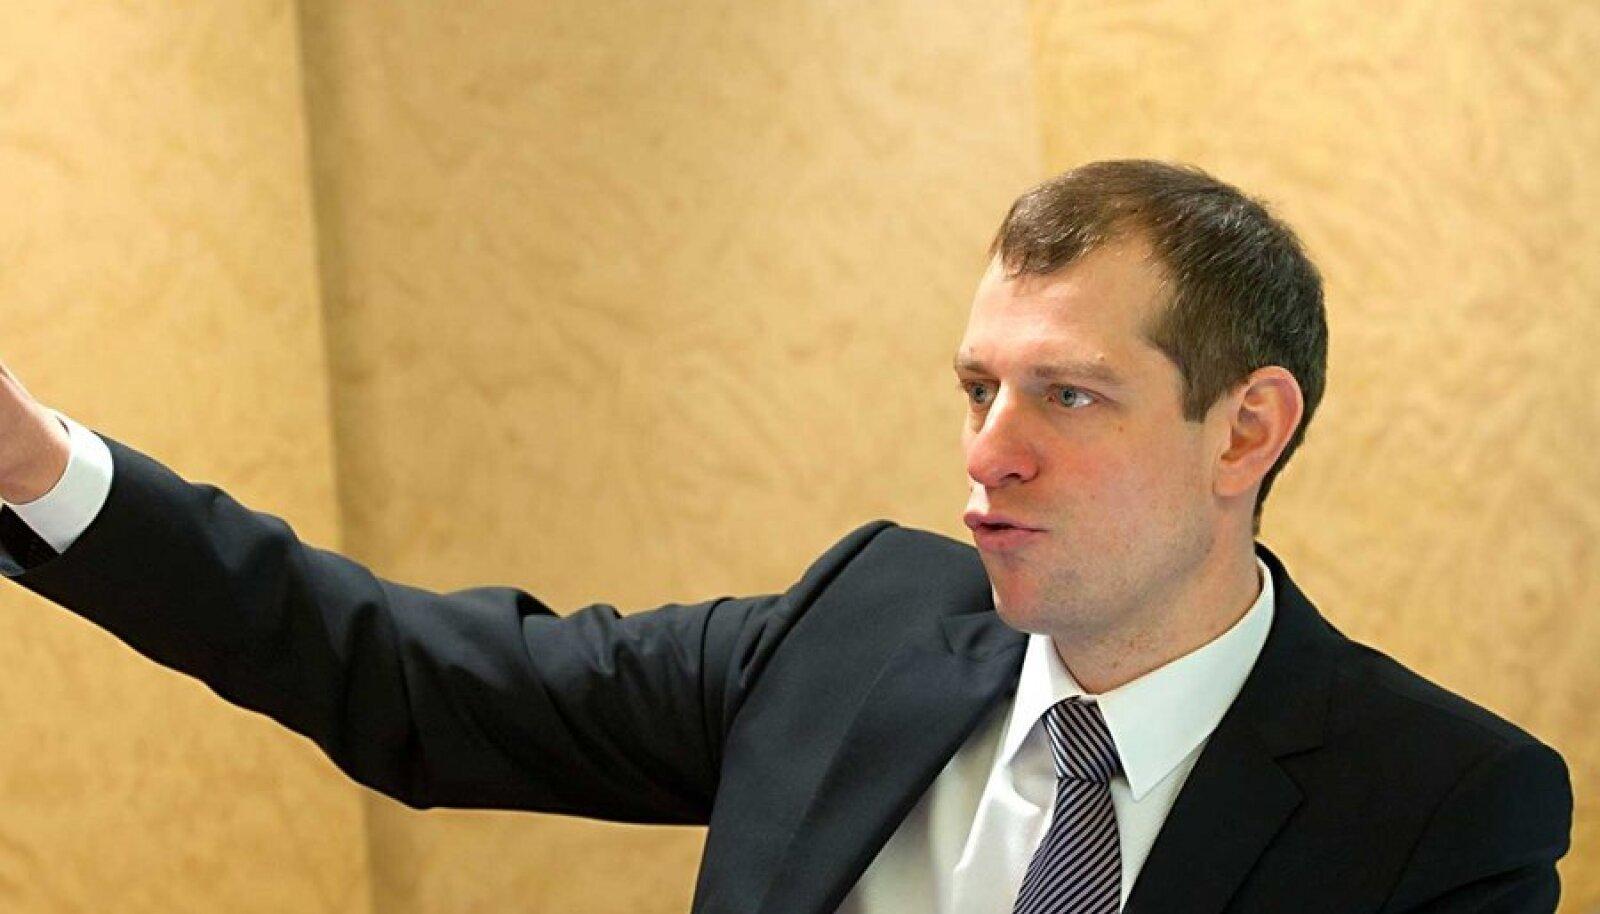 Uus jõuline tegija: Taavi Veskimägi sai sügisel 2010 valitsuselt juhtnöörid arendada Eleringis välja gaasialane kompetents. Muuhulgas tellis ta firmalt Pöyry põhjaliku uuringu gaasituru arenguvõimaluste kohta.